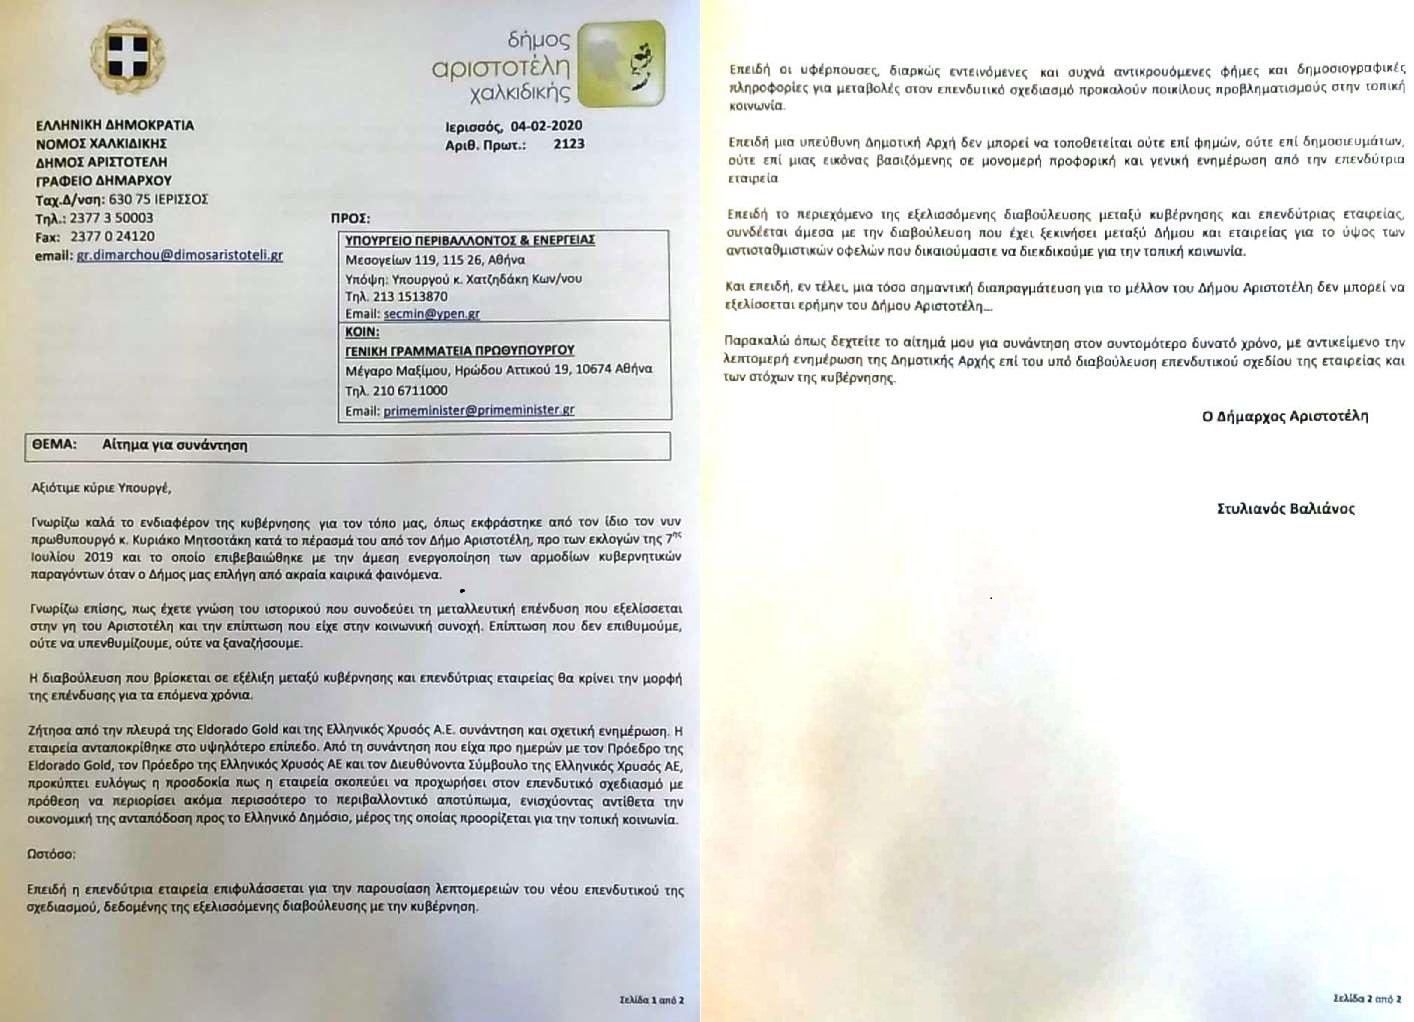 Αίτημα ενημέρωσης από τον Δήμαρχο Αριστοτέλη στο ΥΠΕΝ για την πορεία της διαβούλευσης με τον Ελληνικό Χρυσό